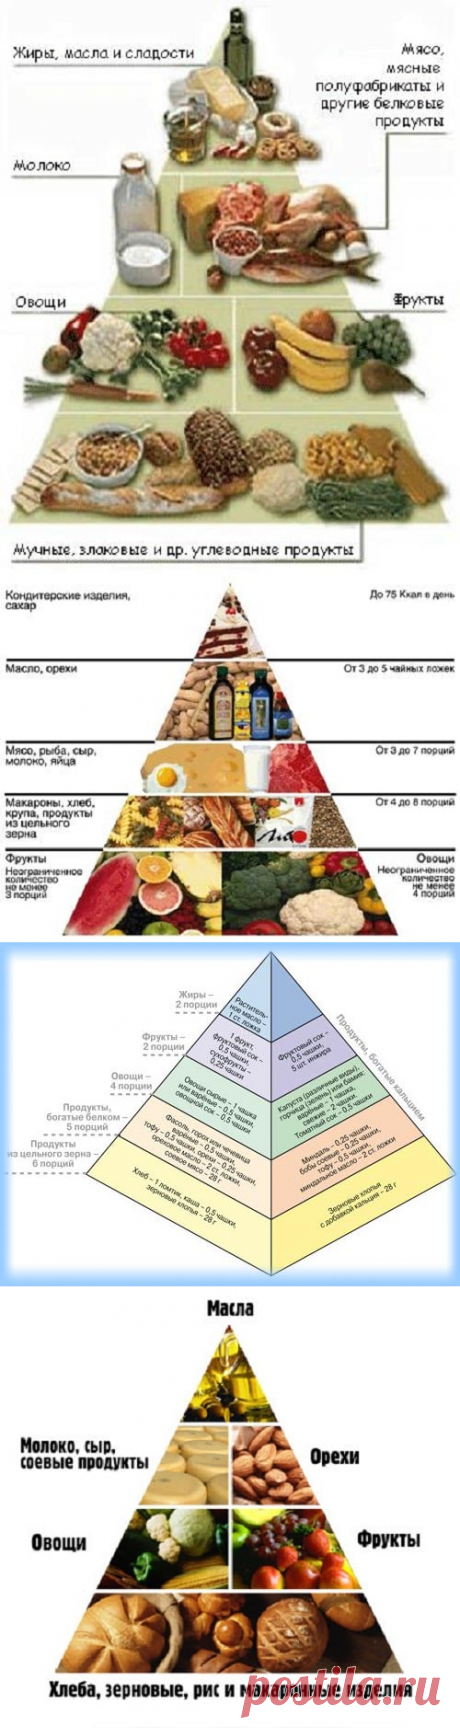 """Пирамида питания - традиционное, """"всеядное"""" питание."""